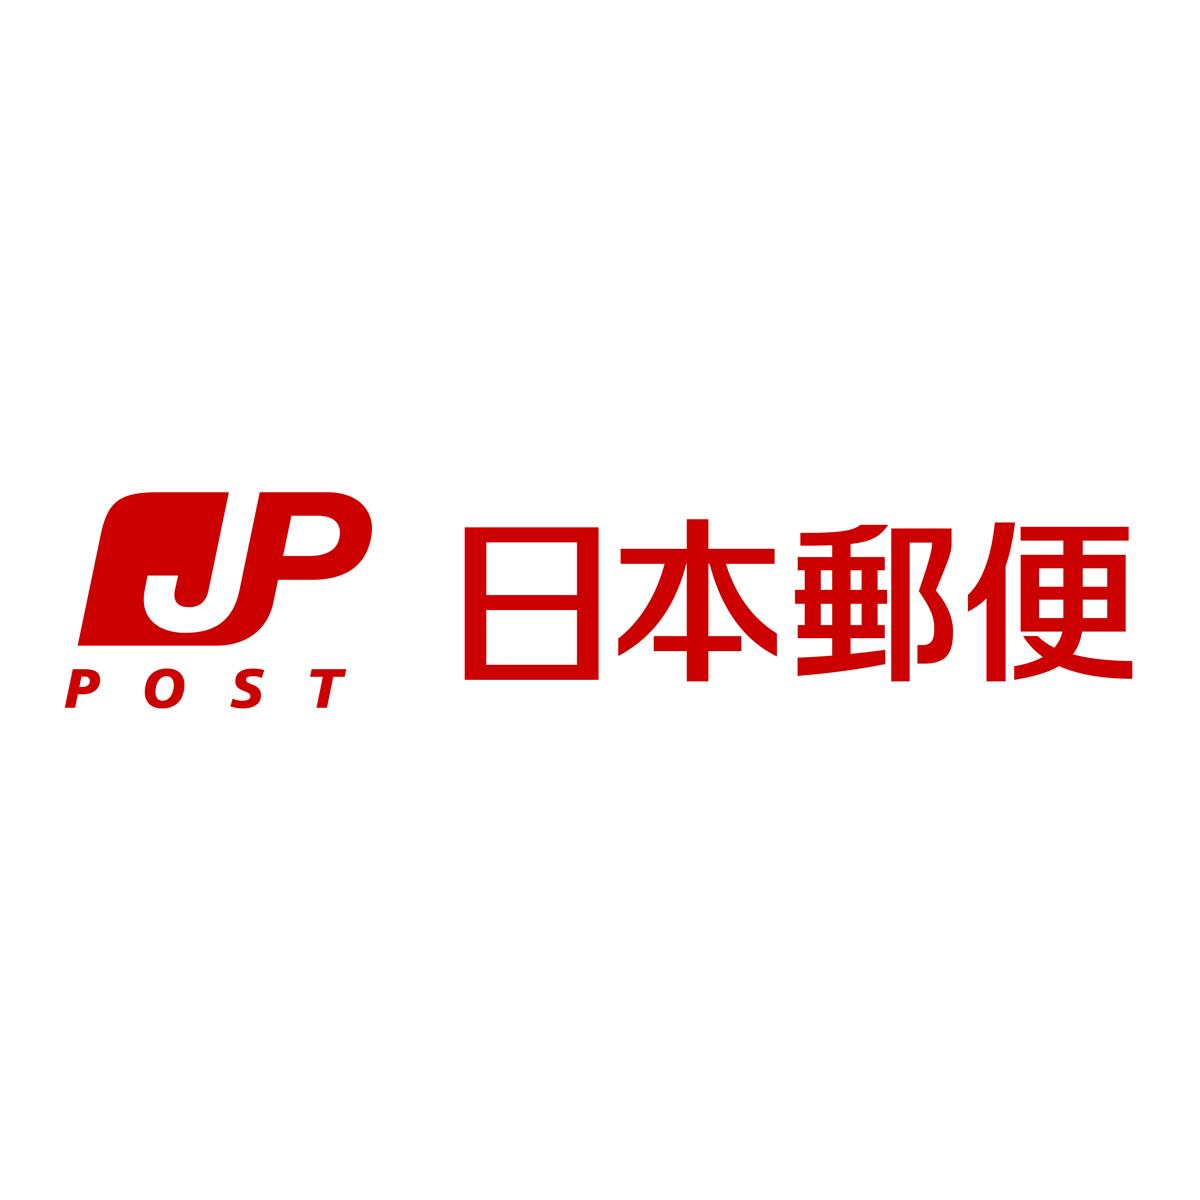 郵便局が「地方銀行」を買収し成長するシナリオ